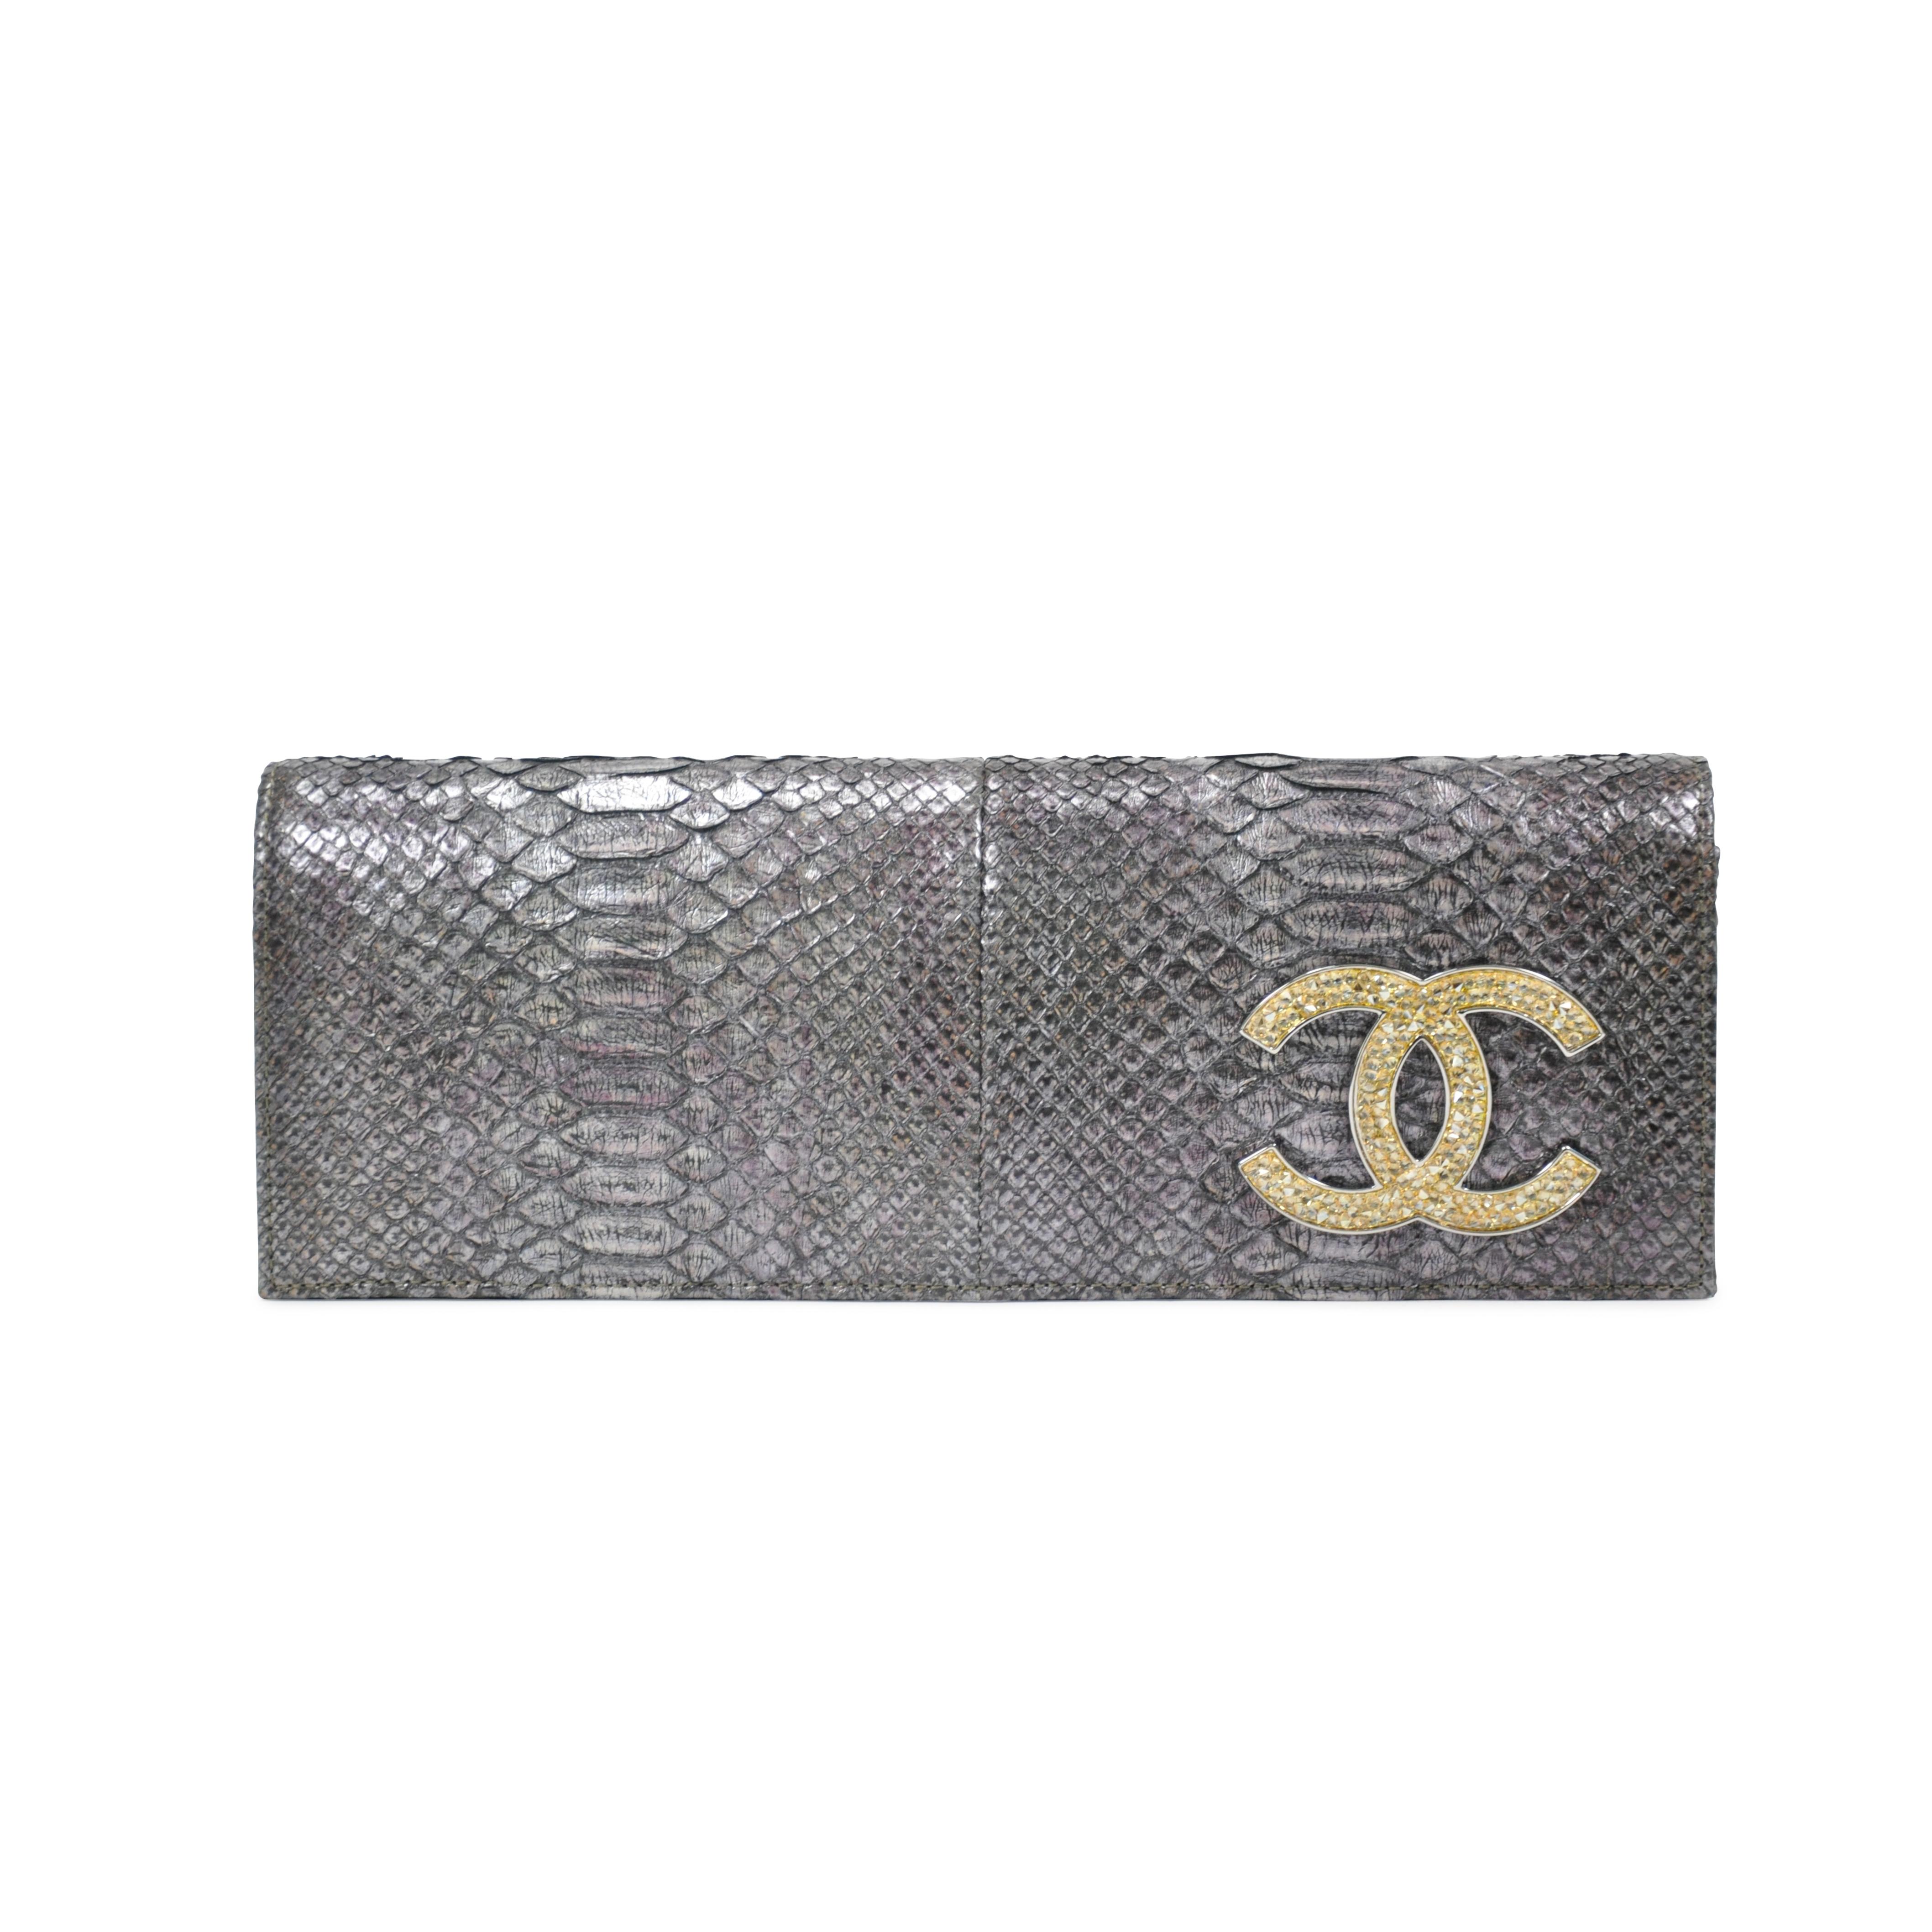 6d10d59266dc ... Classic Double Flap Bag. nextprev. prevnext. prevnext. prevnext.  Authentic Pre Owned Chanel Python Clutch (PSS-136-00012)